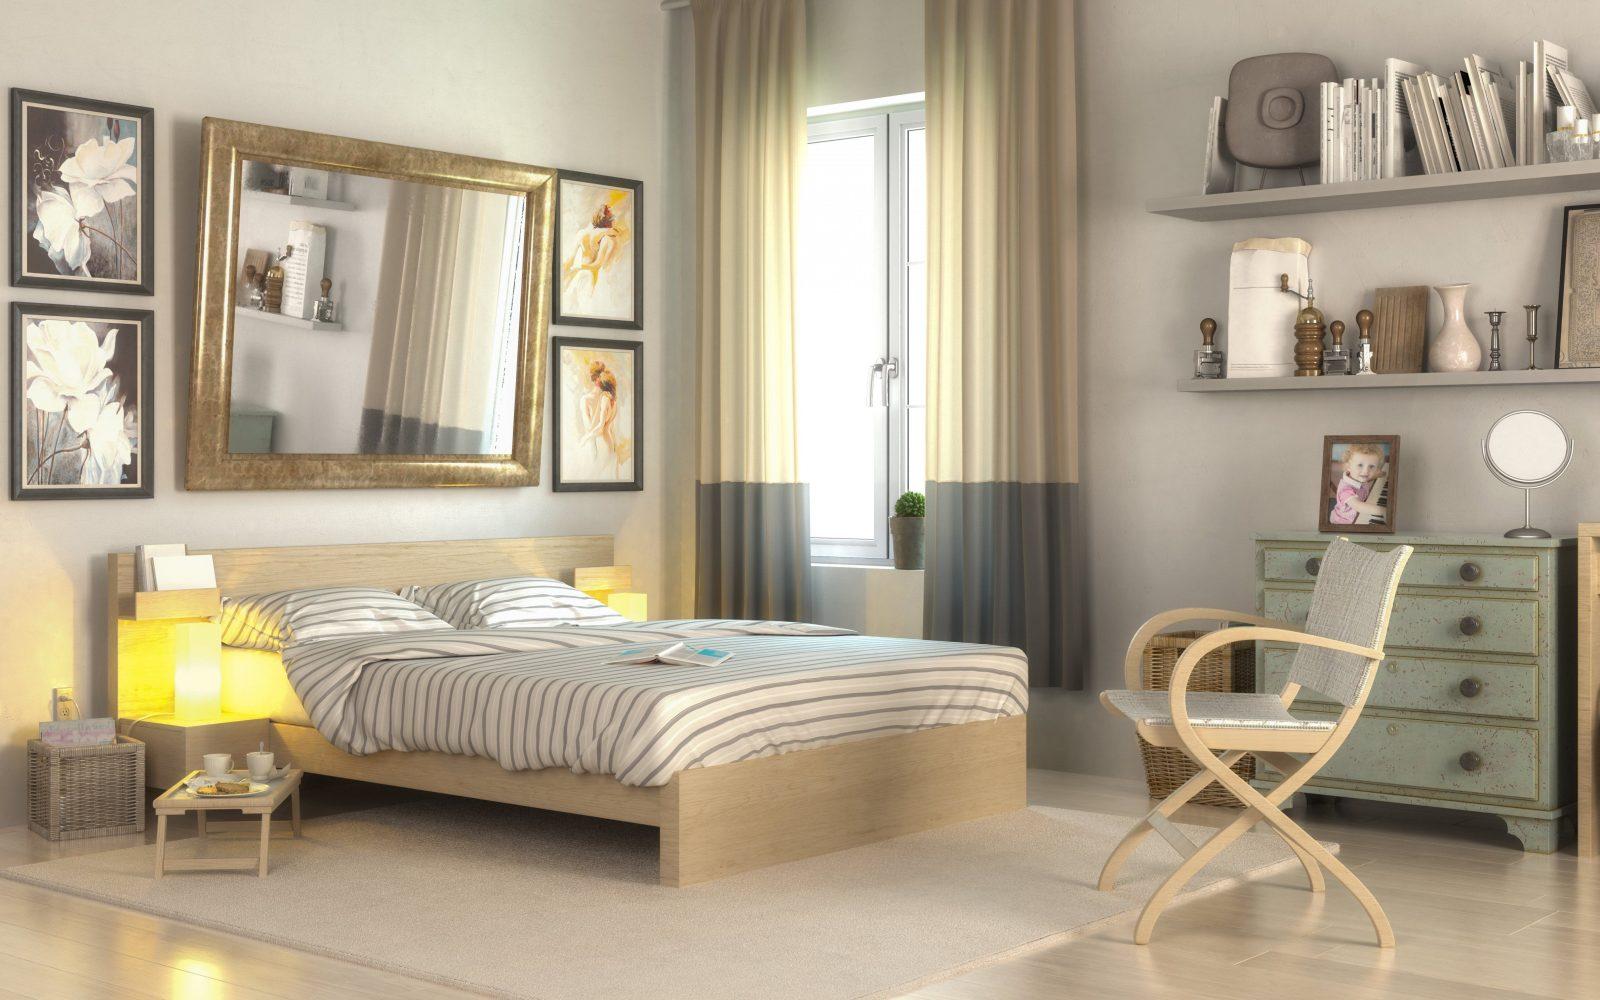 Großes Schlafzimmer Gemütlich Einrichten | Wohninspiration Auf 35qm ...